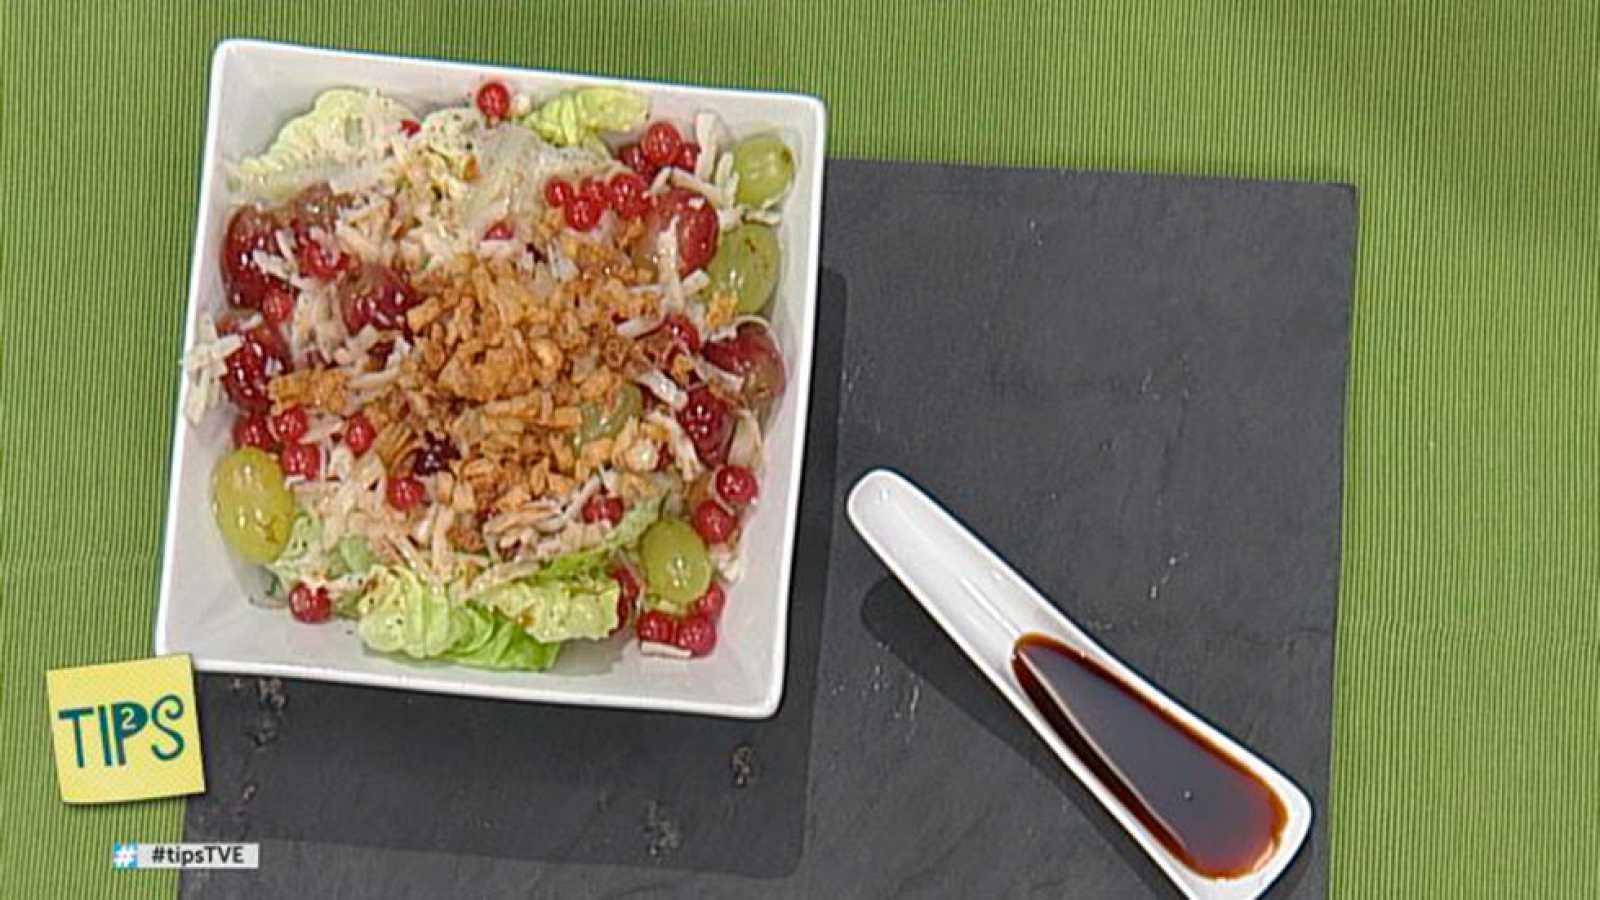 TIPS - Cocina - Ensalada de trocadero, uvas y cebolla crujiente